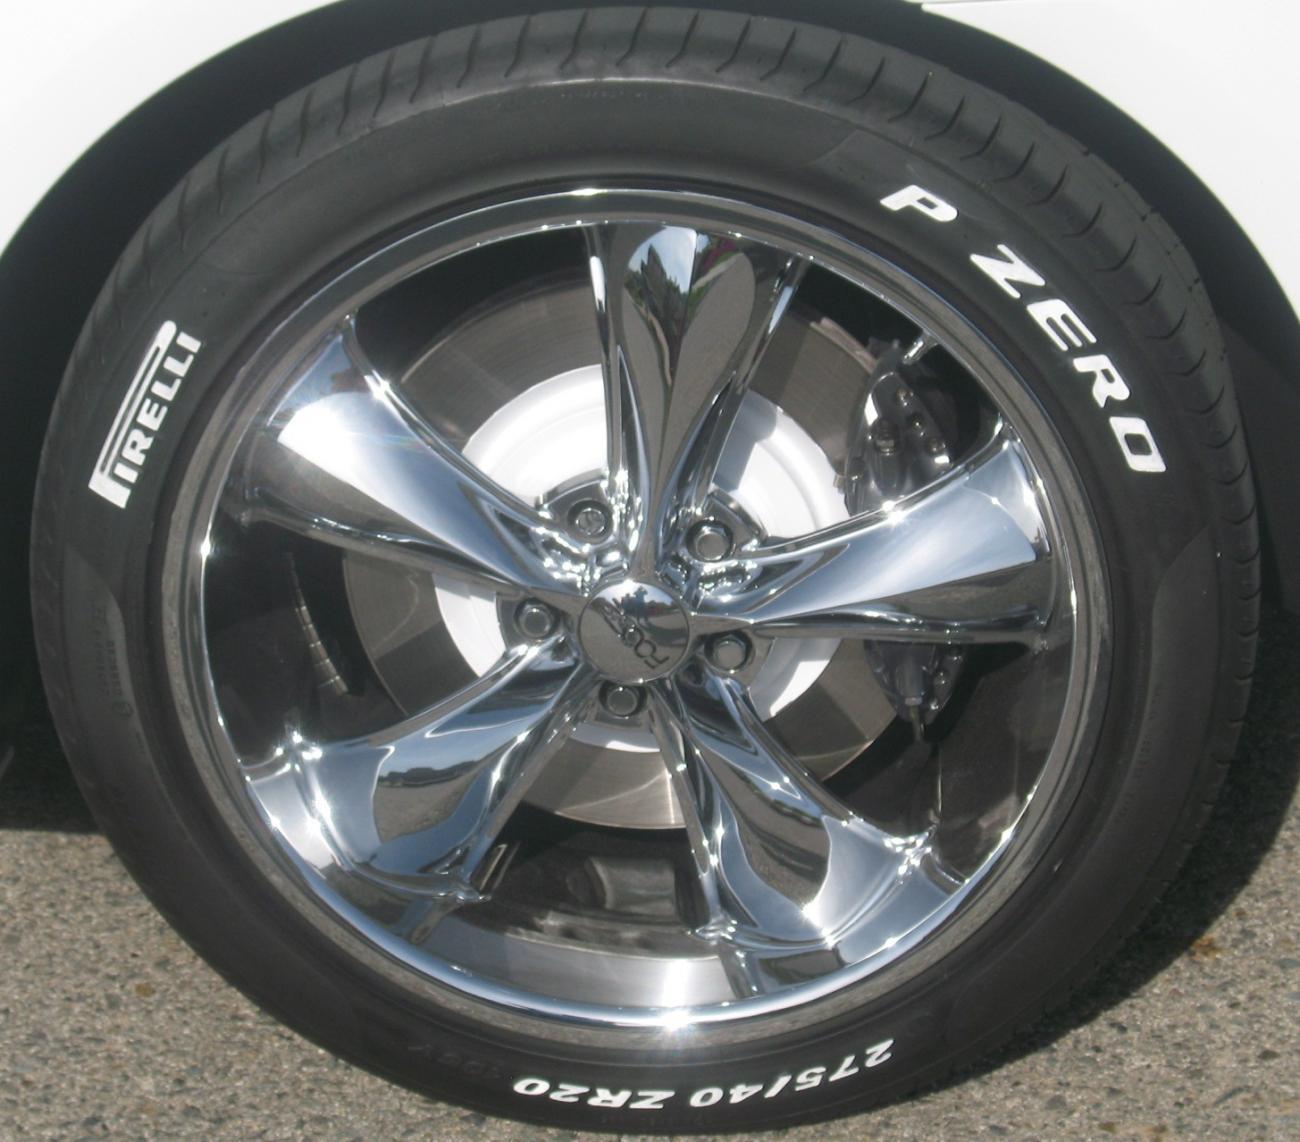 White Raised Lettered Tires